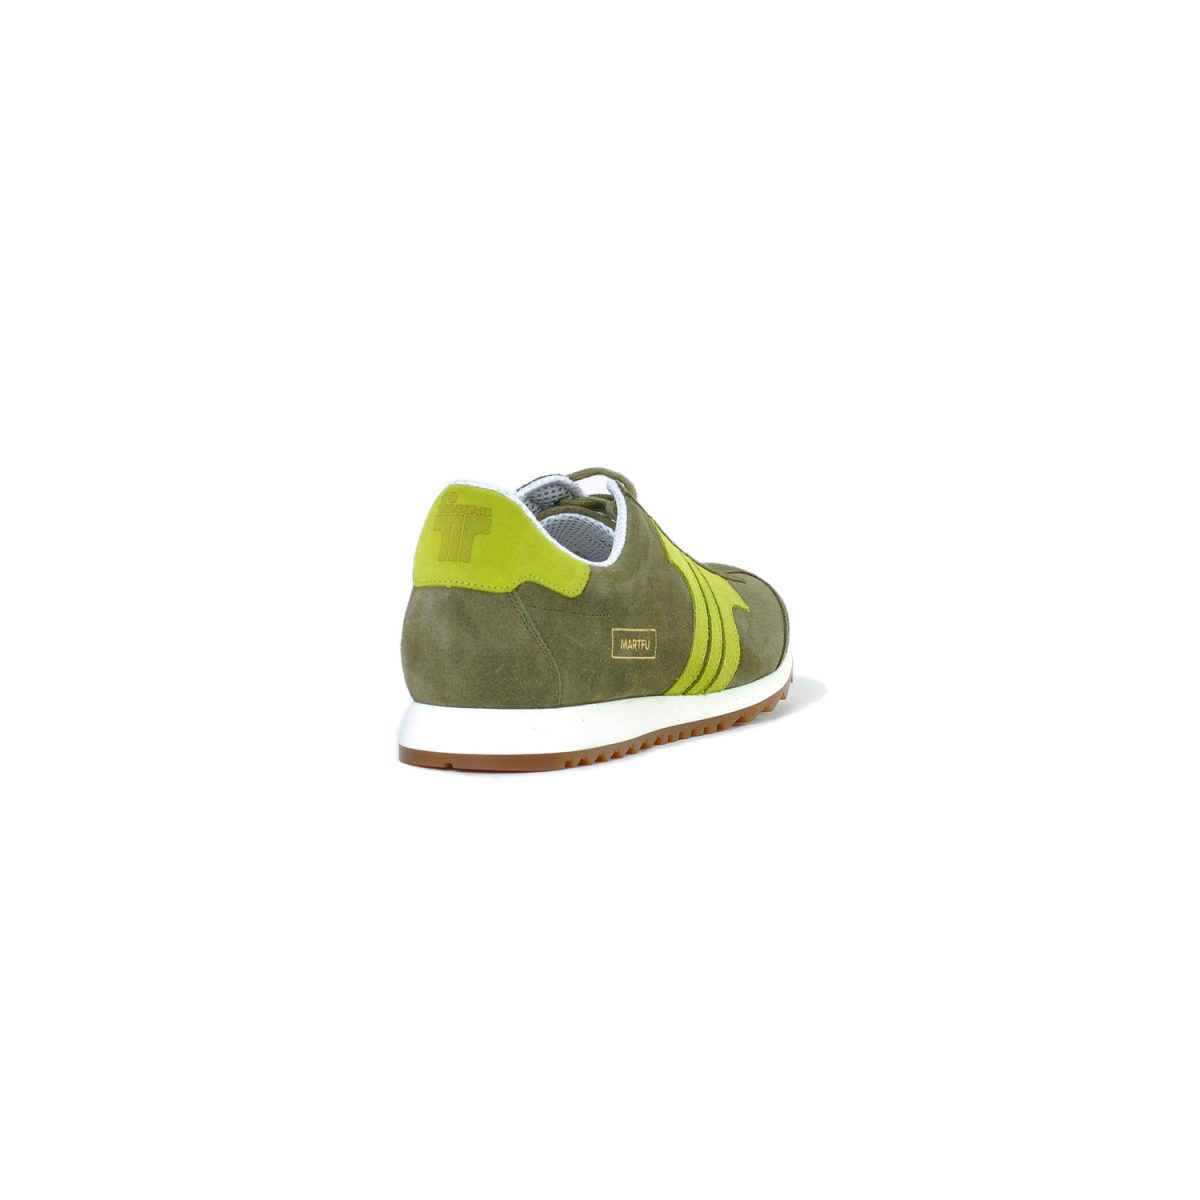 Tisza cipő - Martfű - Keki-lime